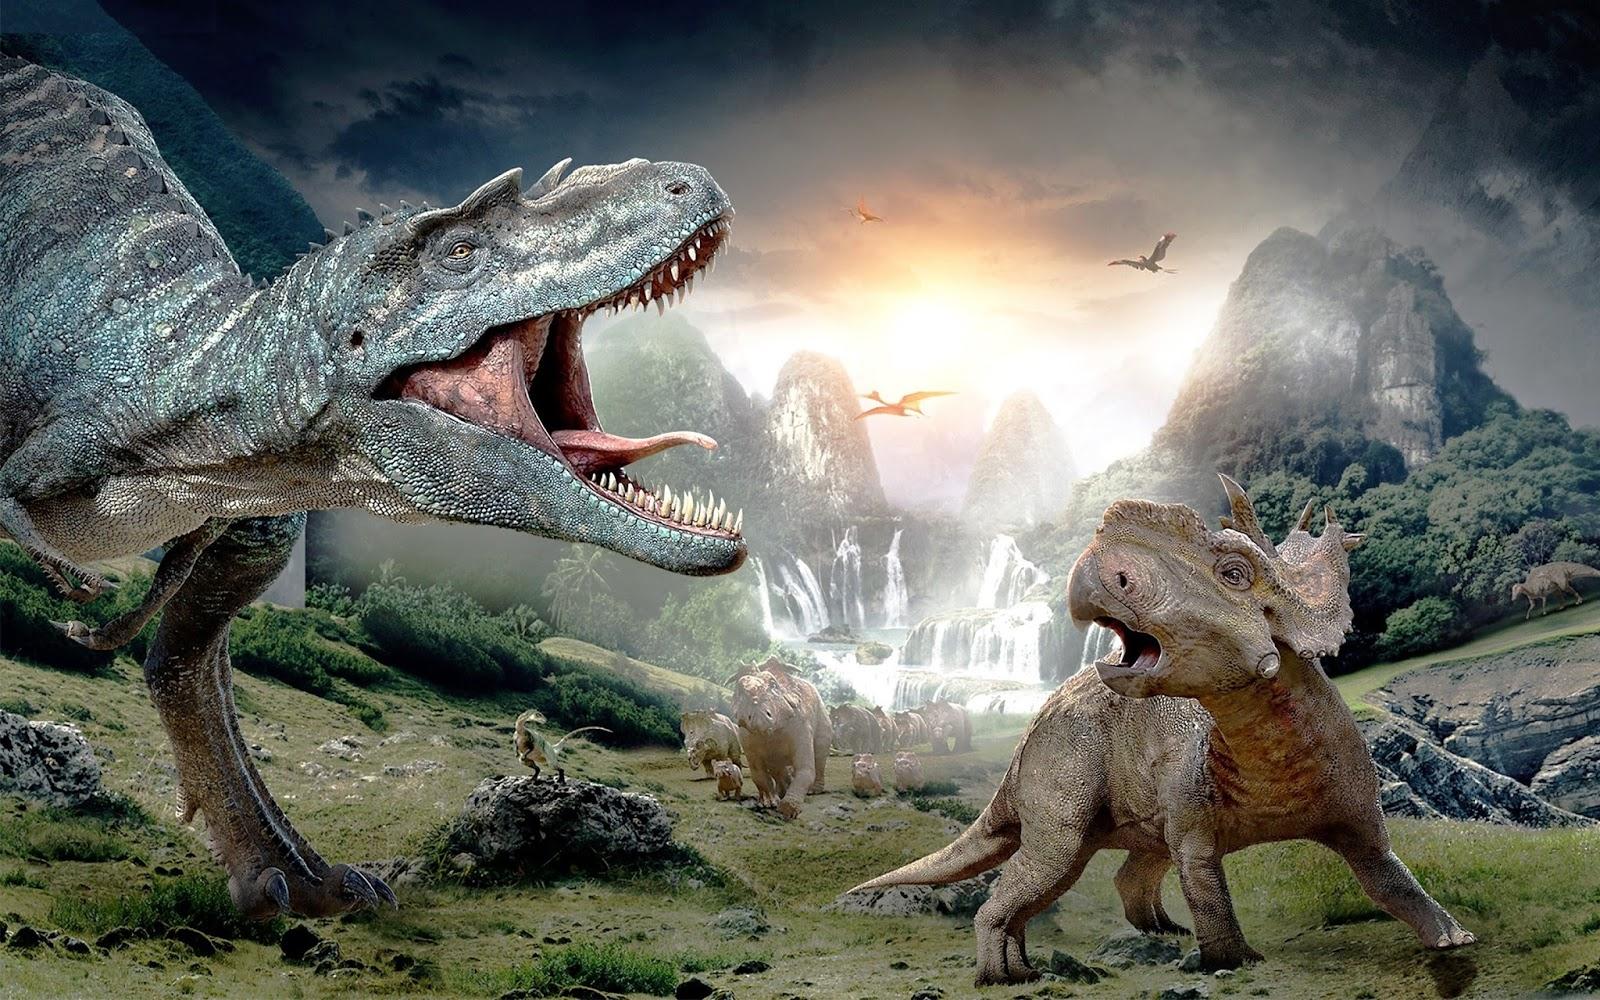 Yonomeaburro: Caminando entre dinosaurios, el espectáculo llegará a ...